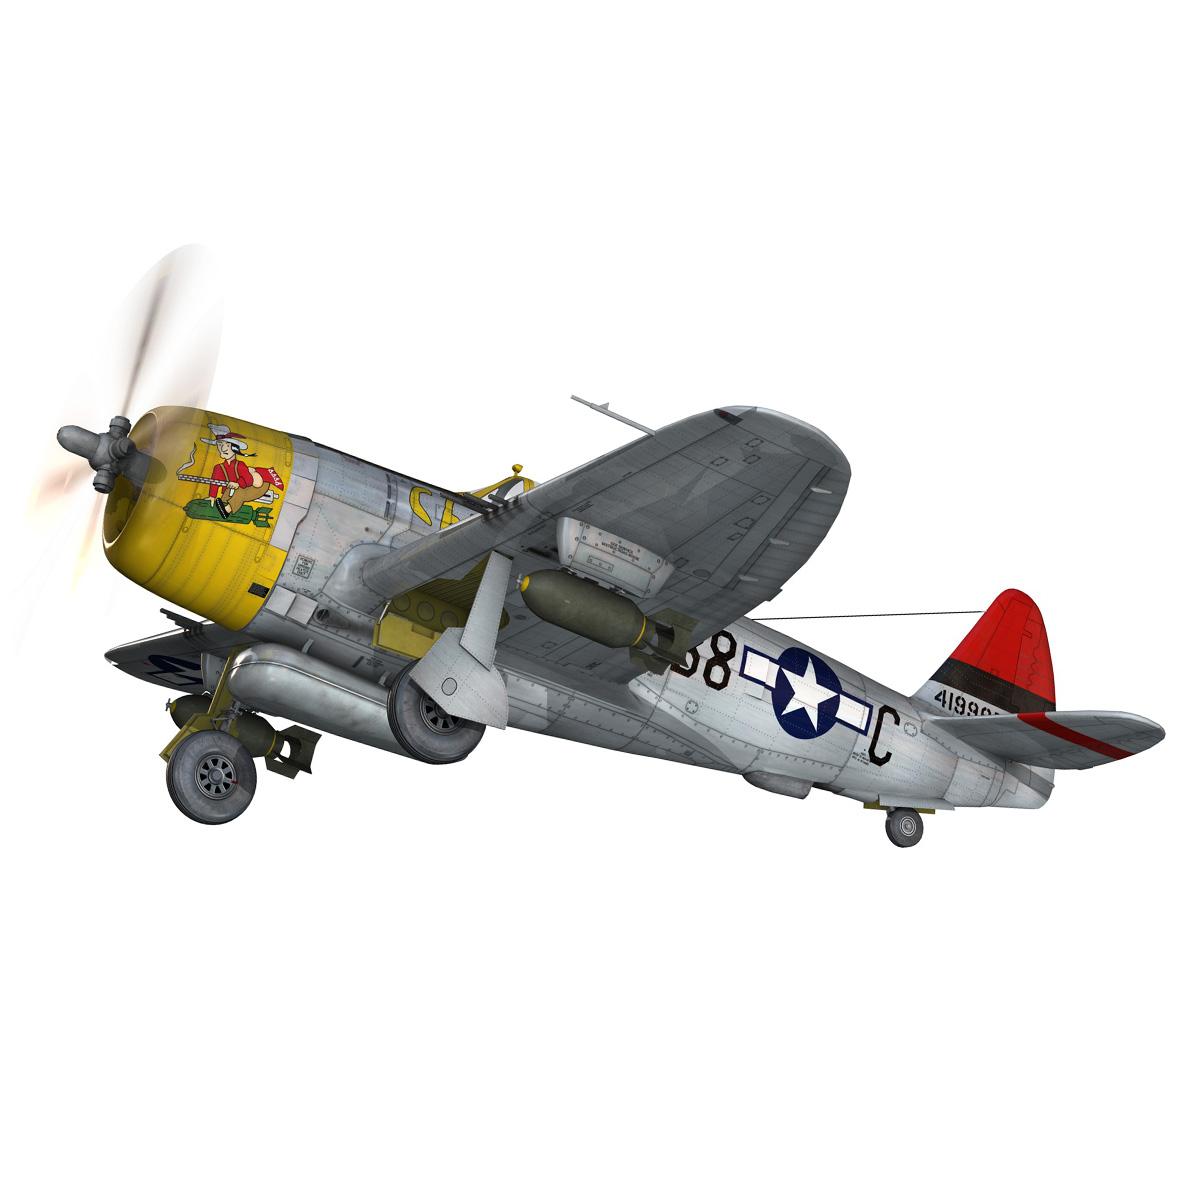 republic p-47d thunderbolt – chief seattle 3d model fbx c4d lwo obj 268208